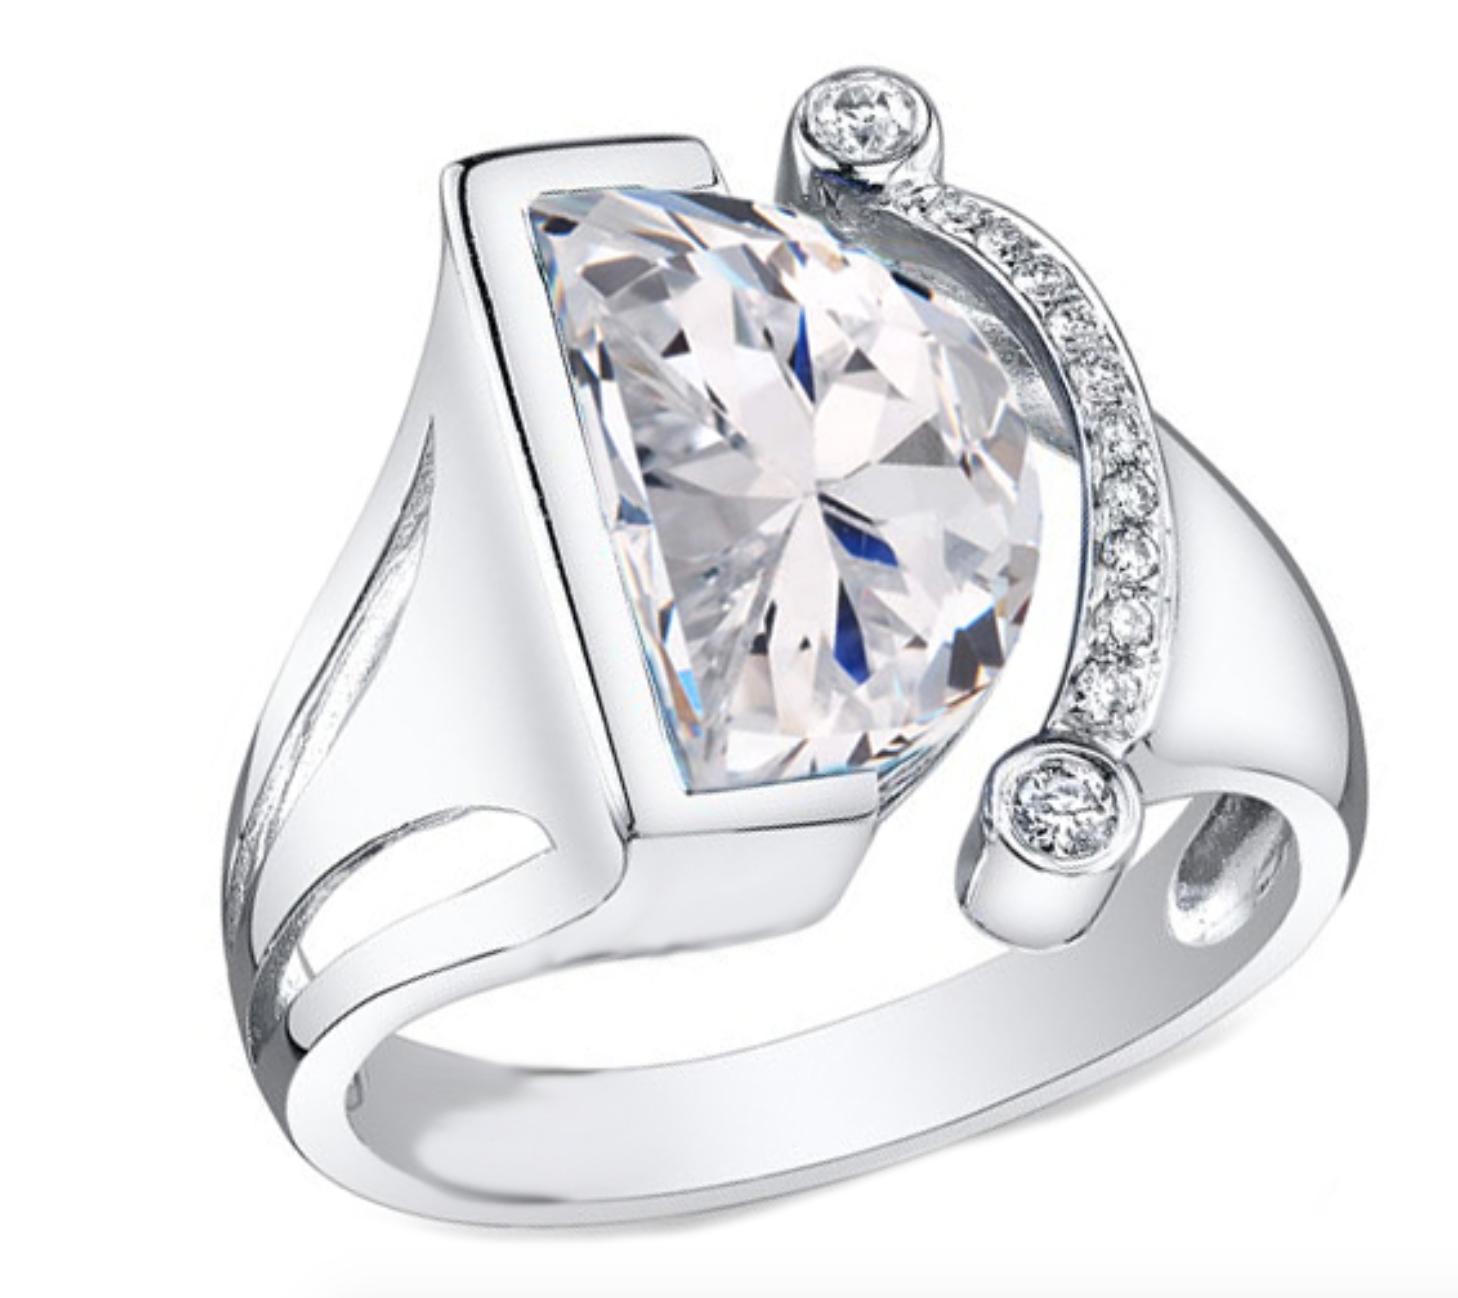 mücevher sektörü hakkında bilgiler